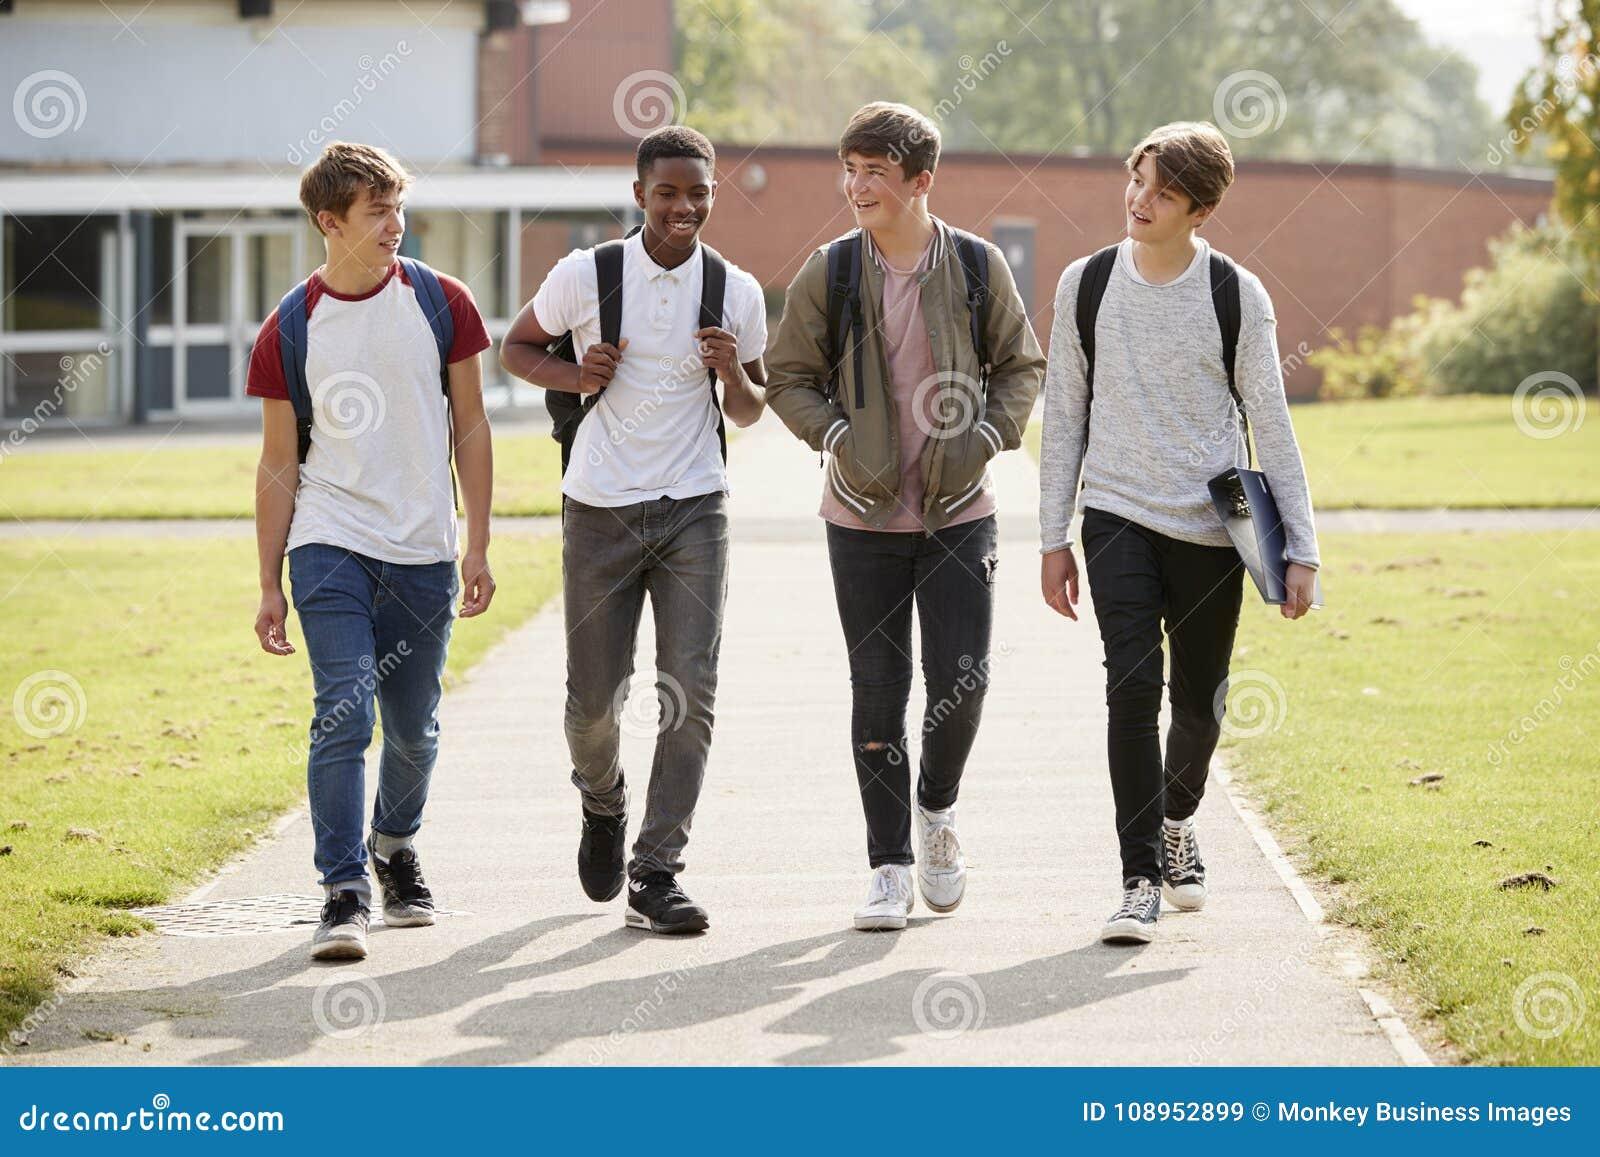 走在学院校园附近的小组男性少年学生